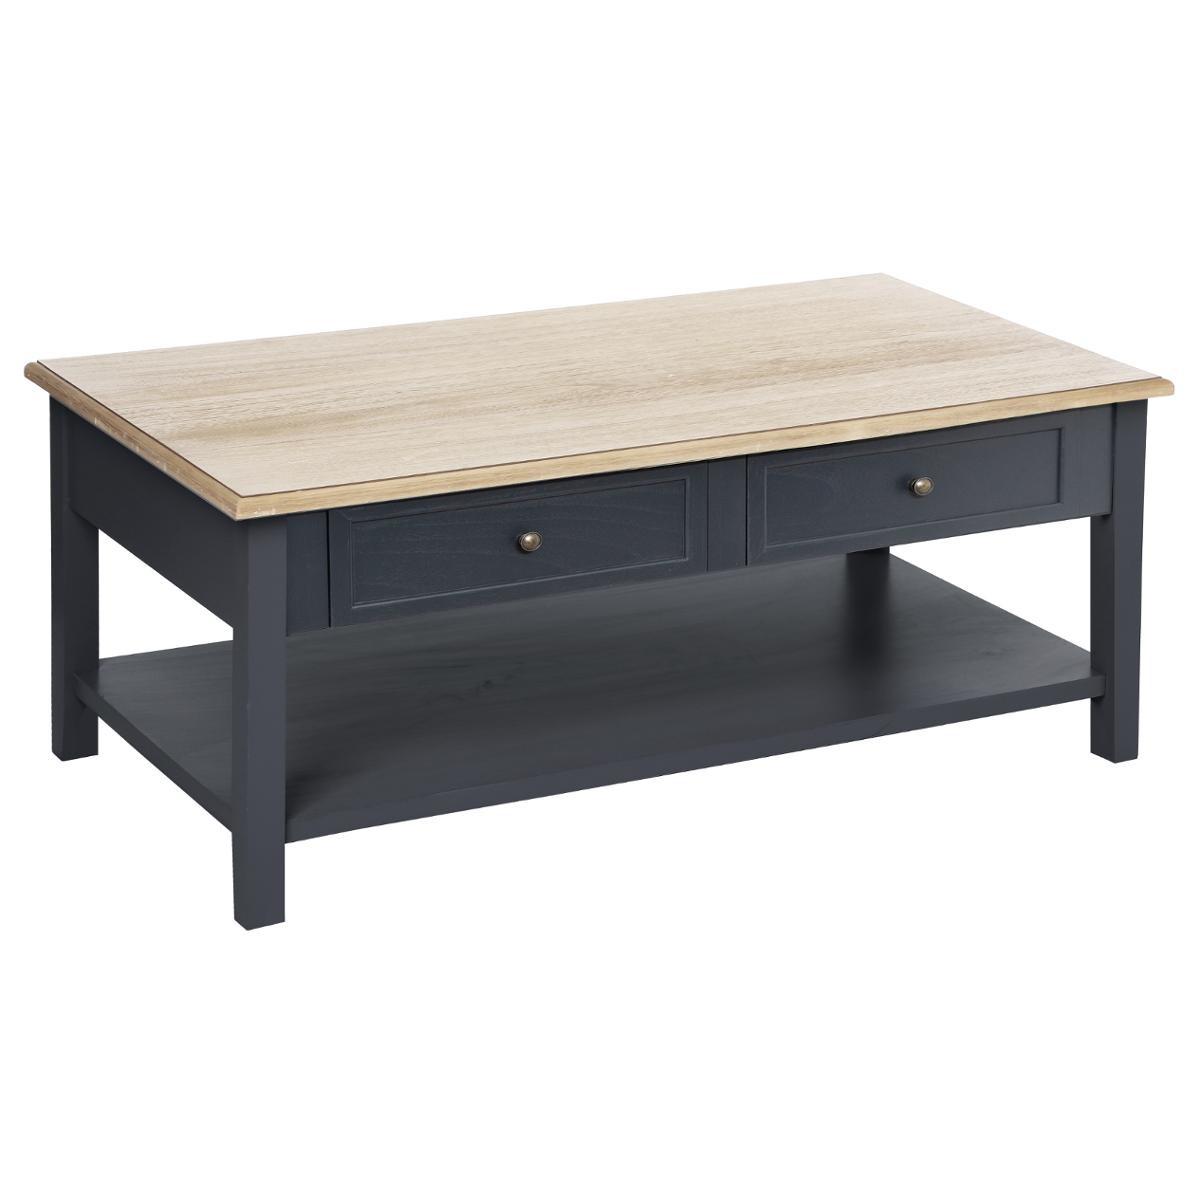 TABLE BASSE 4 TIROIRS DAMIAN